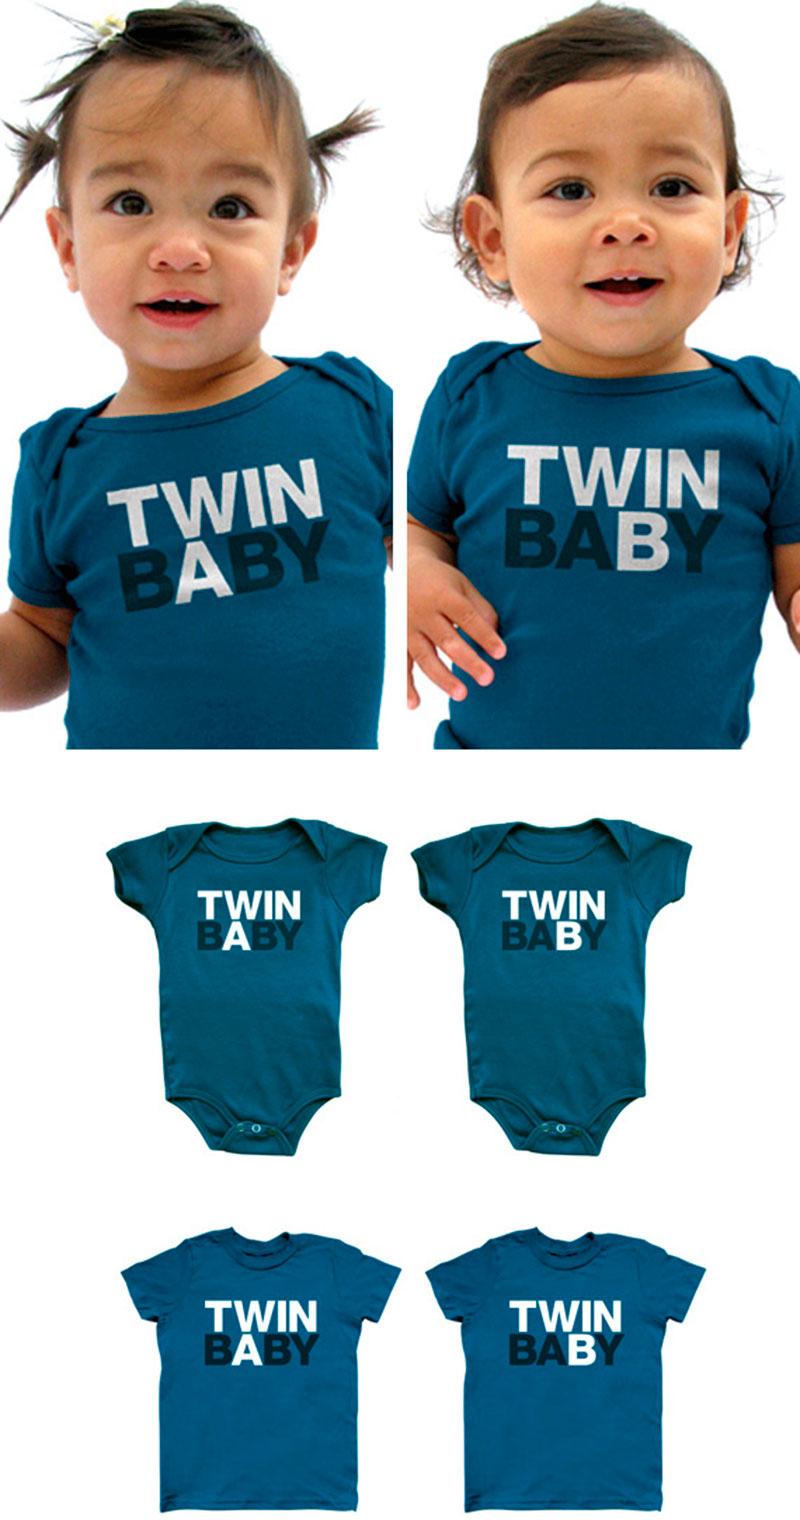 combinando as roupas de gêmeos